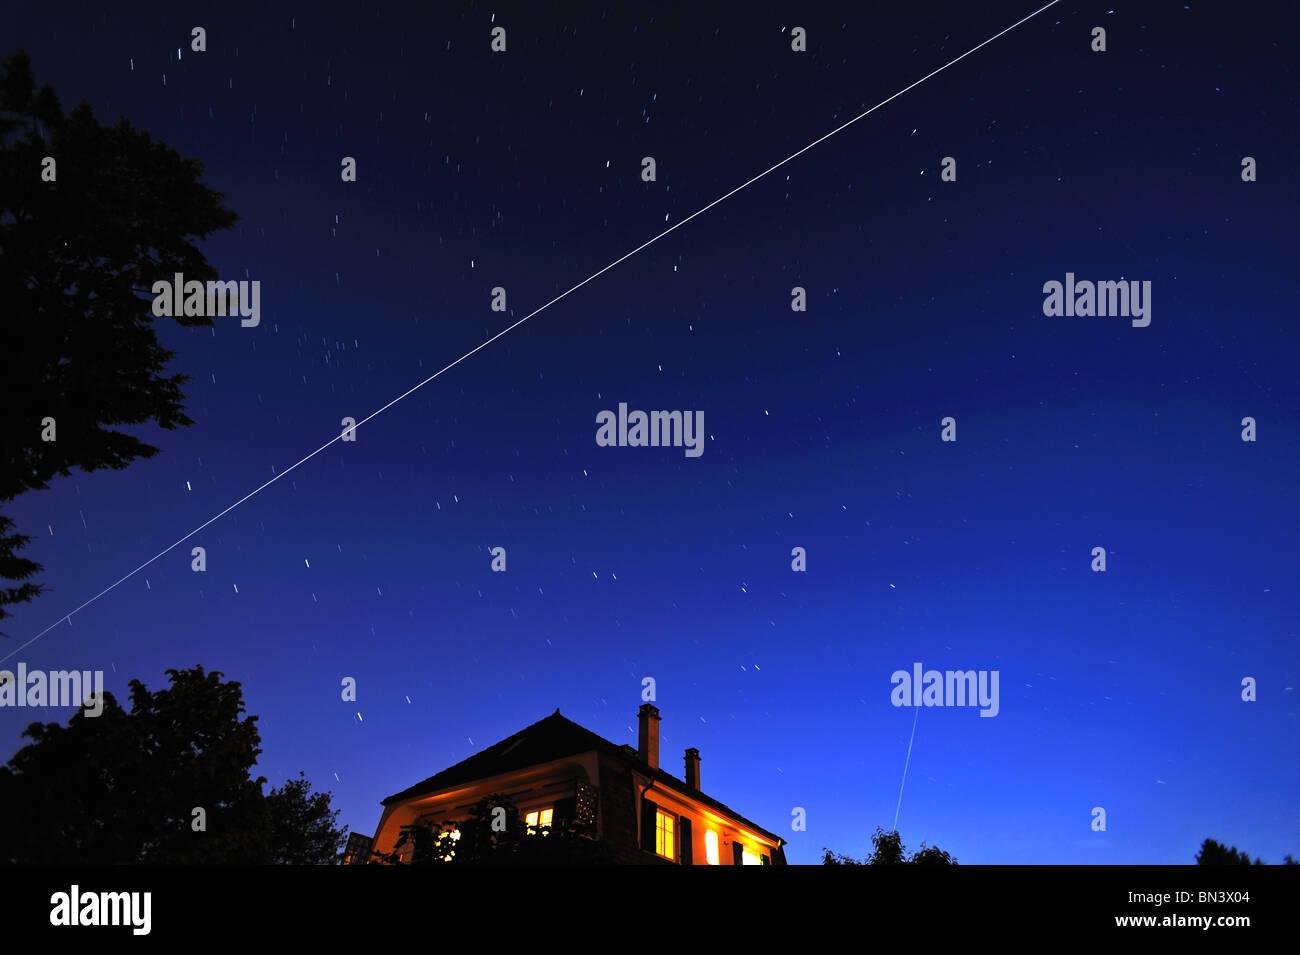 La Station spatiale internationale de vol dans la constellation de la Grande Ourse (Charrue) au crépuscule. Photo Stock